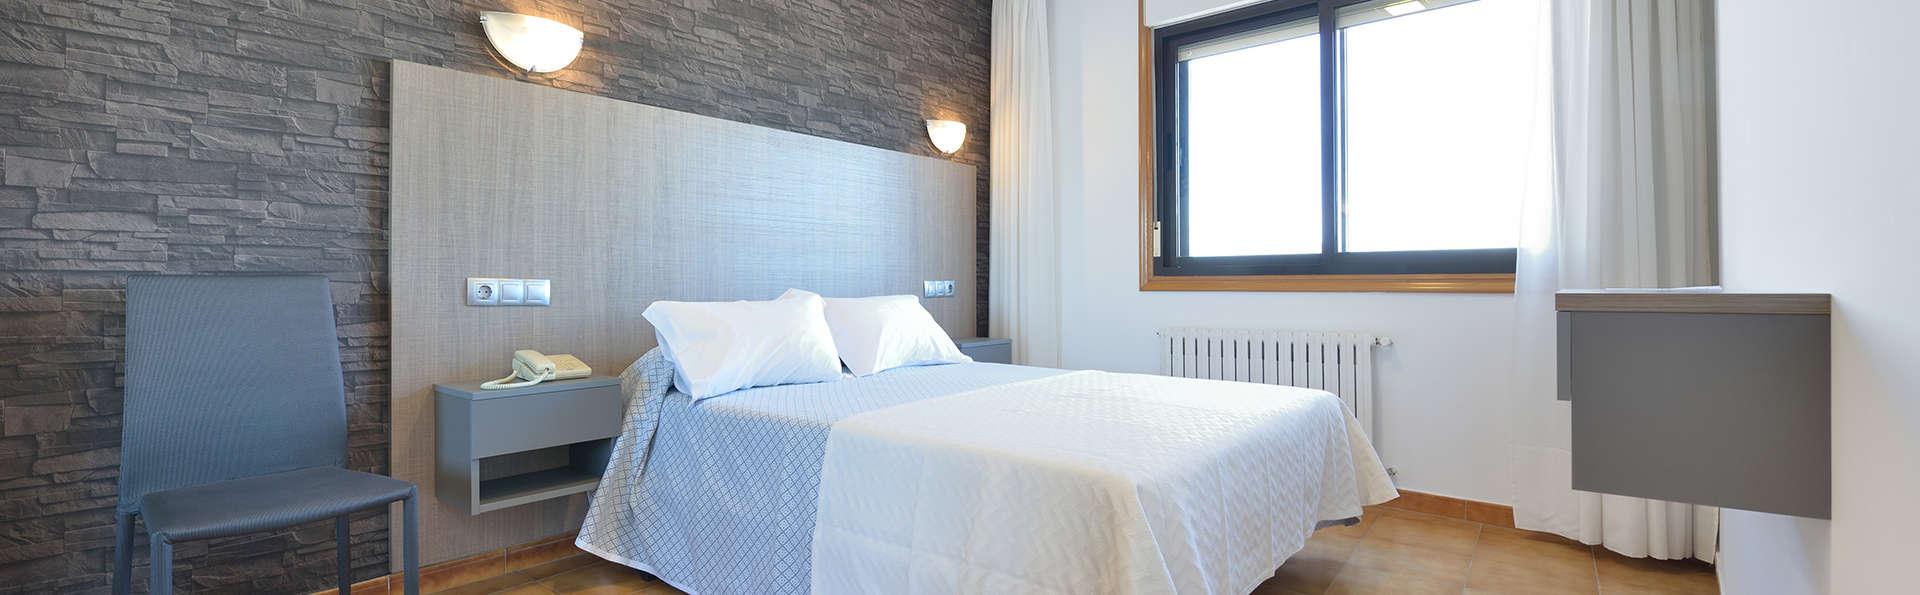 Hotel Montemar - EDIT_room4.jpg